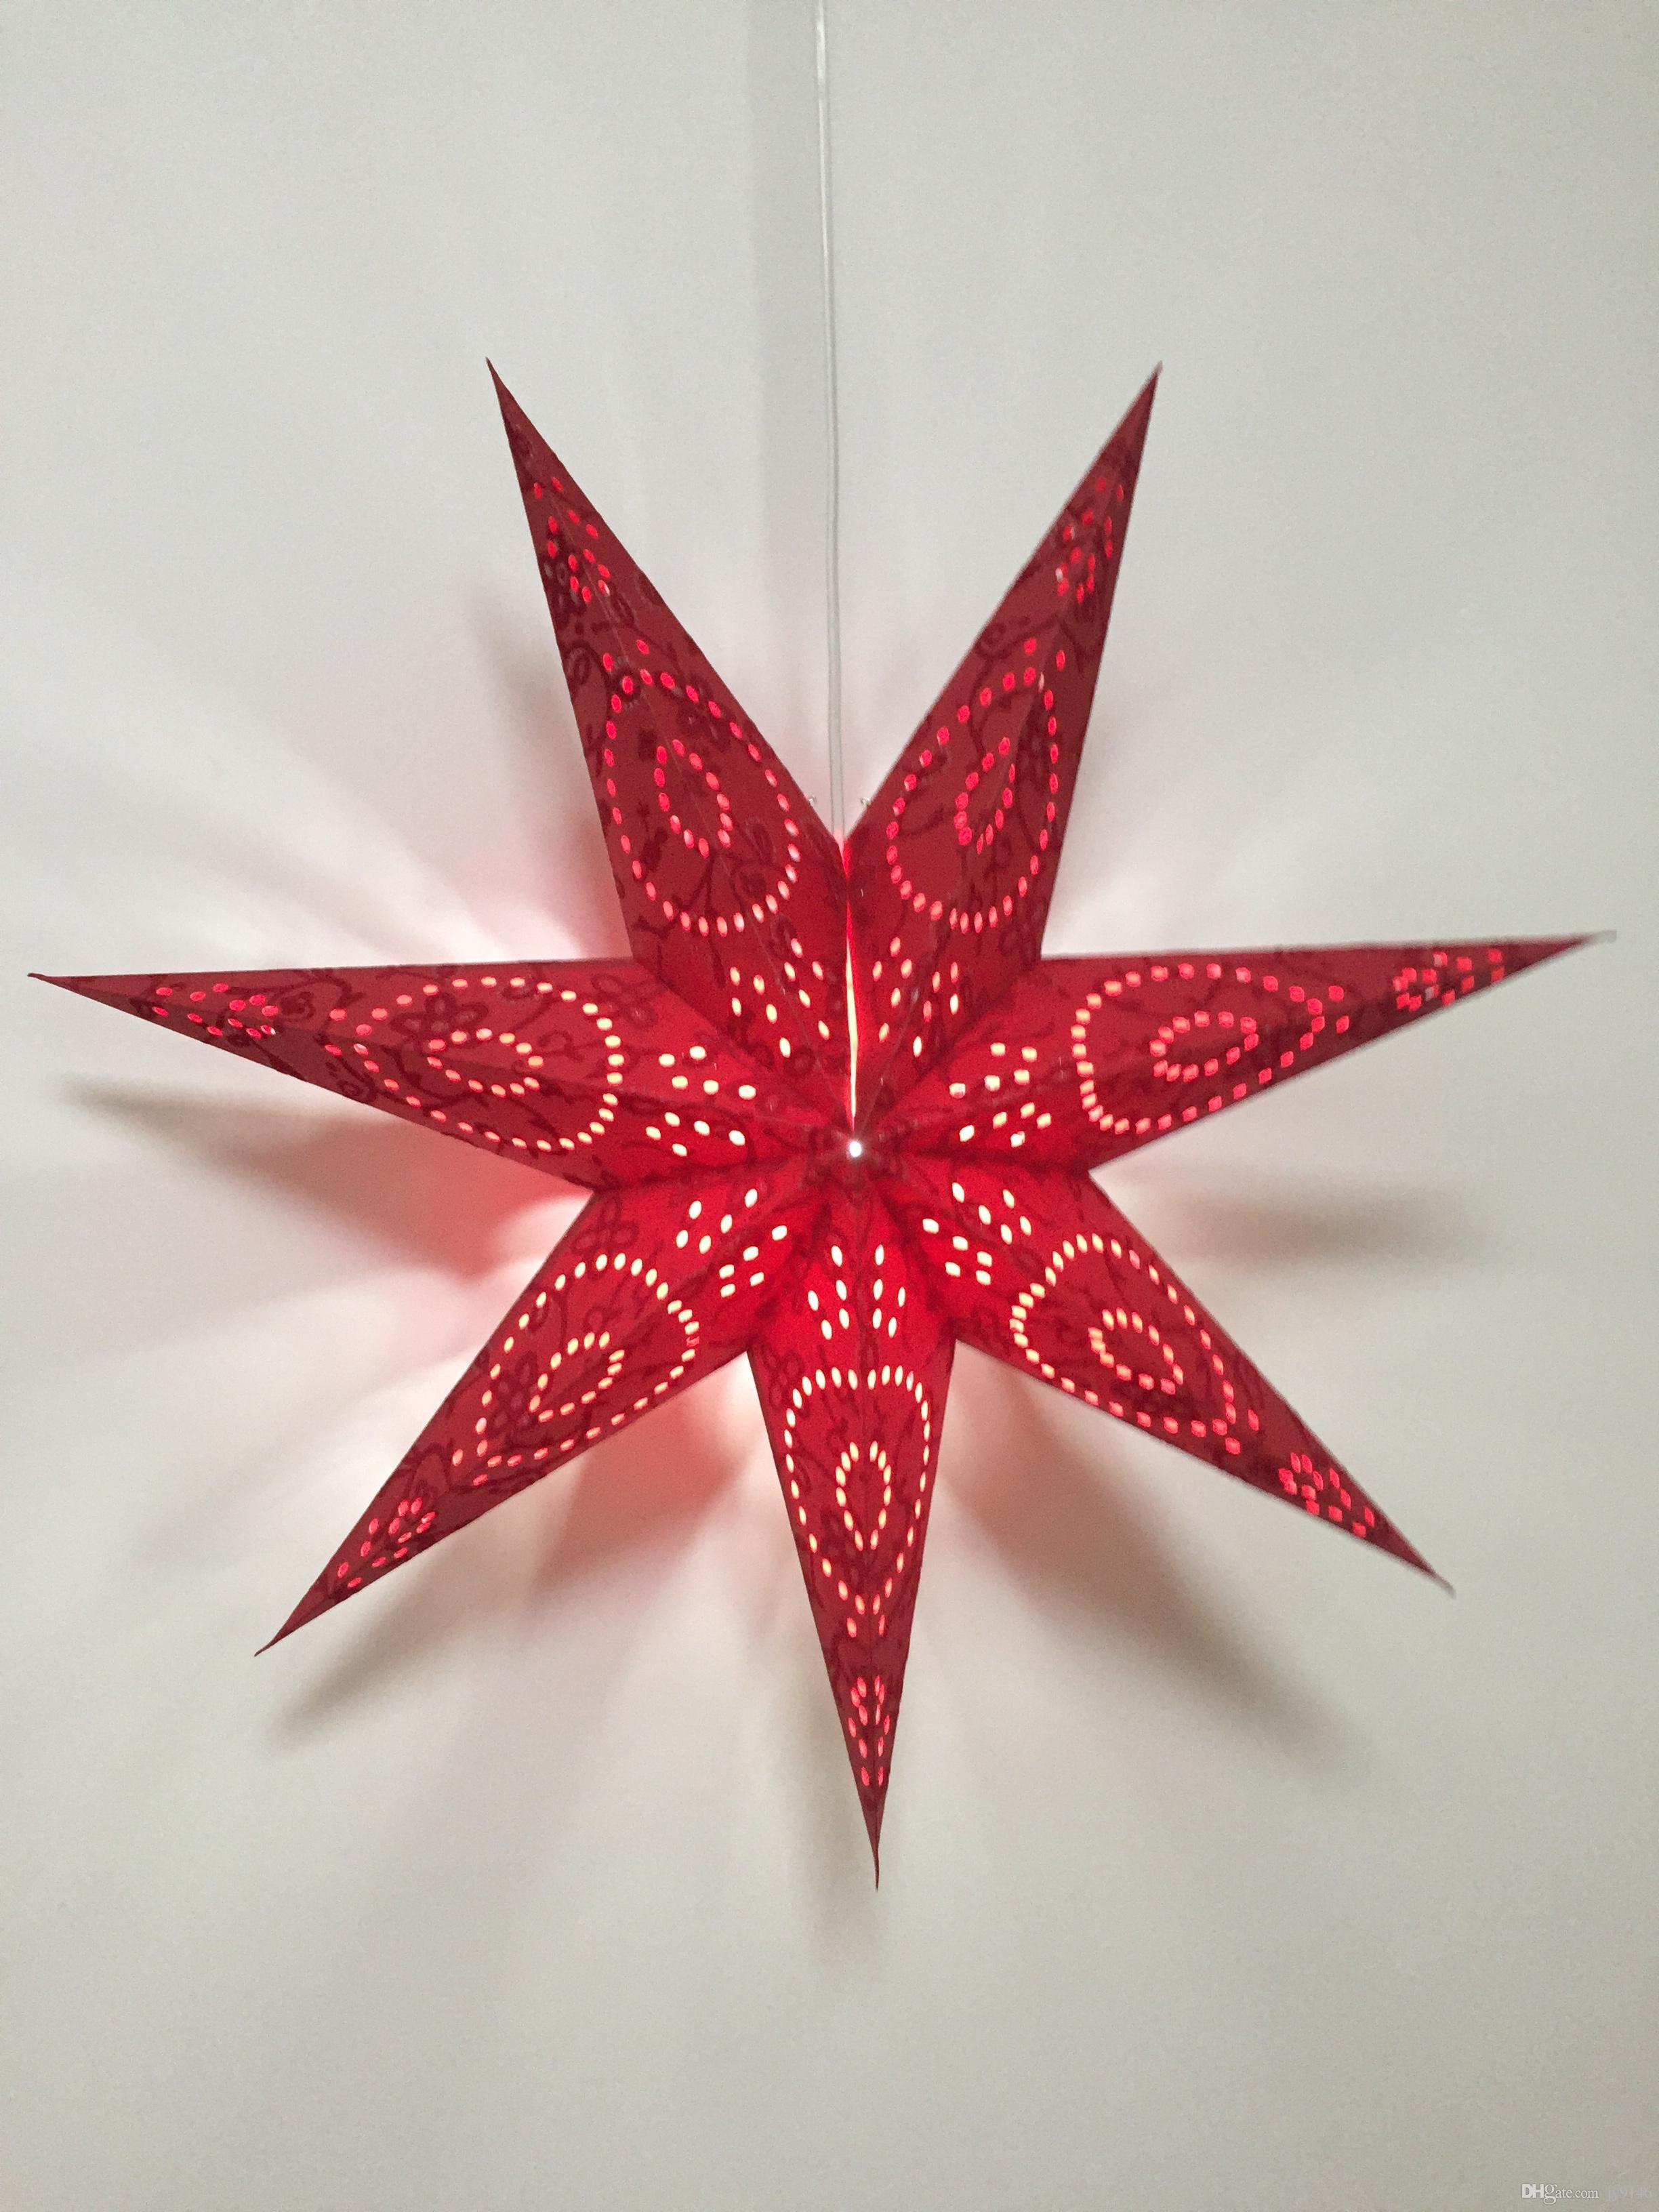 Grosshandel Durchmesser 70 Cm Papier Star Party Lampenschirm